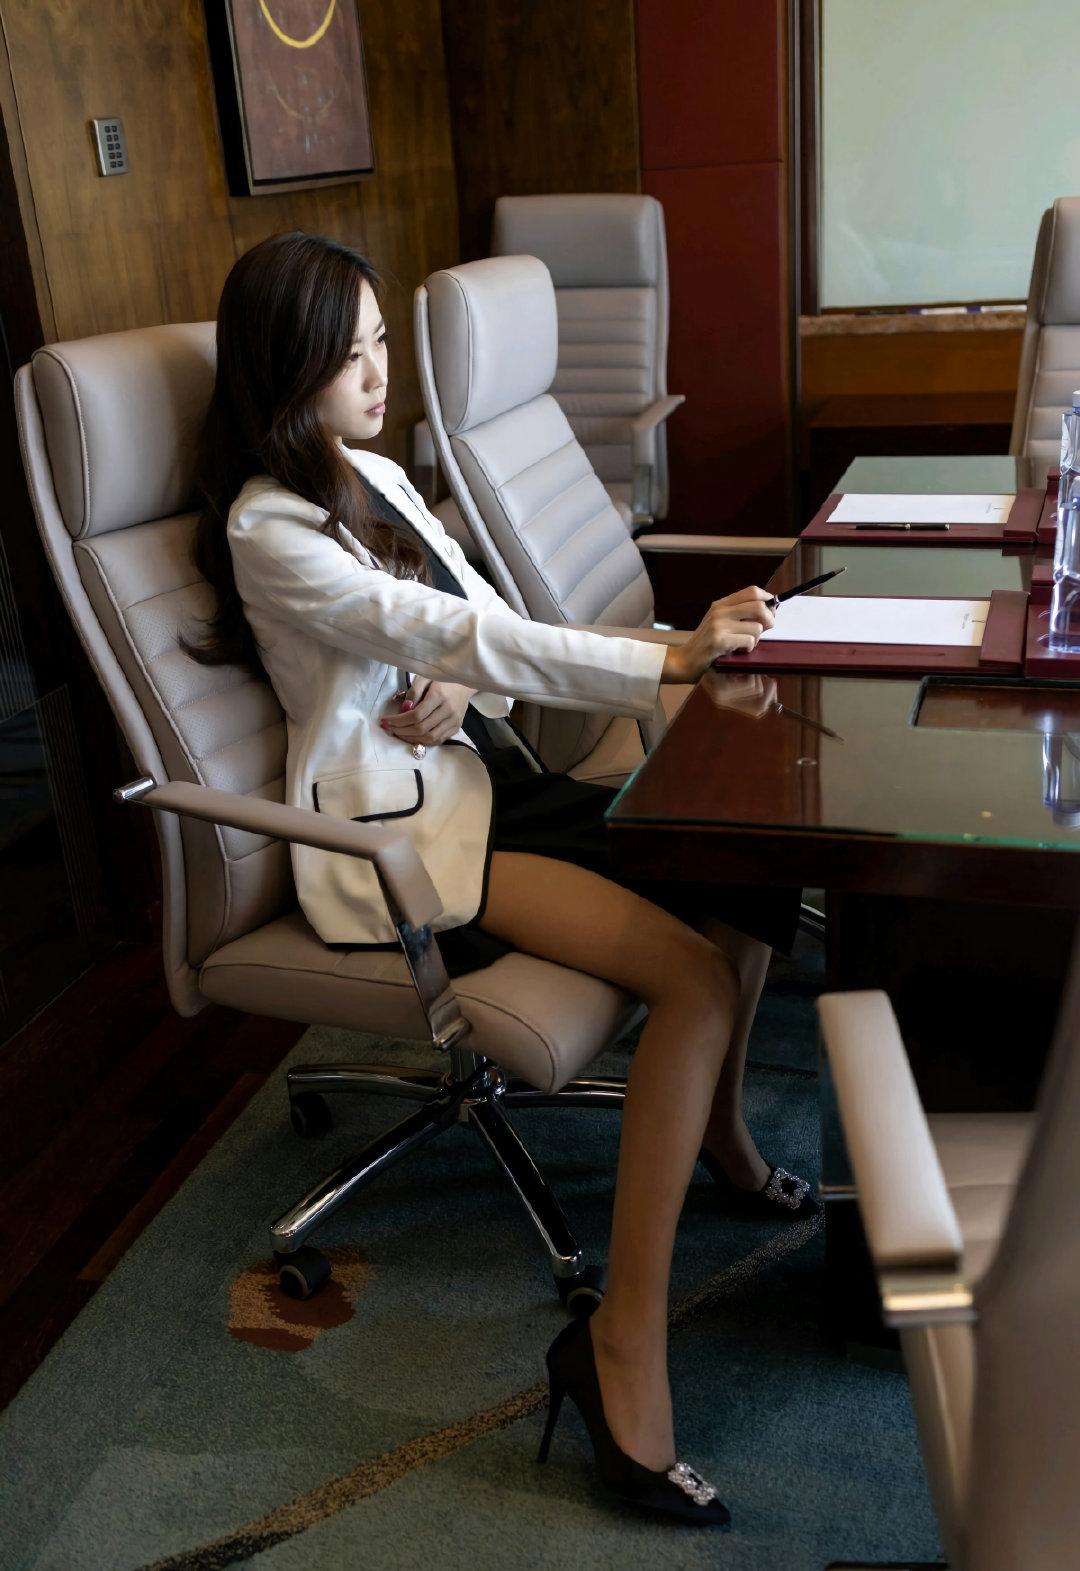 公主日记你希望她是你的老板还是秘书美女